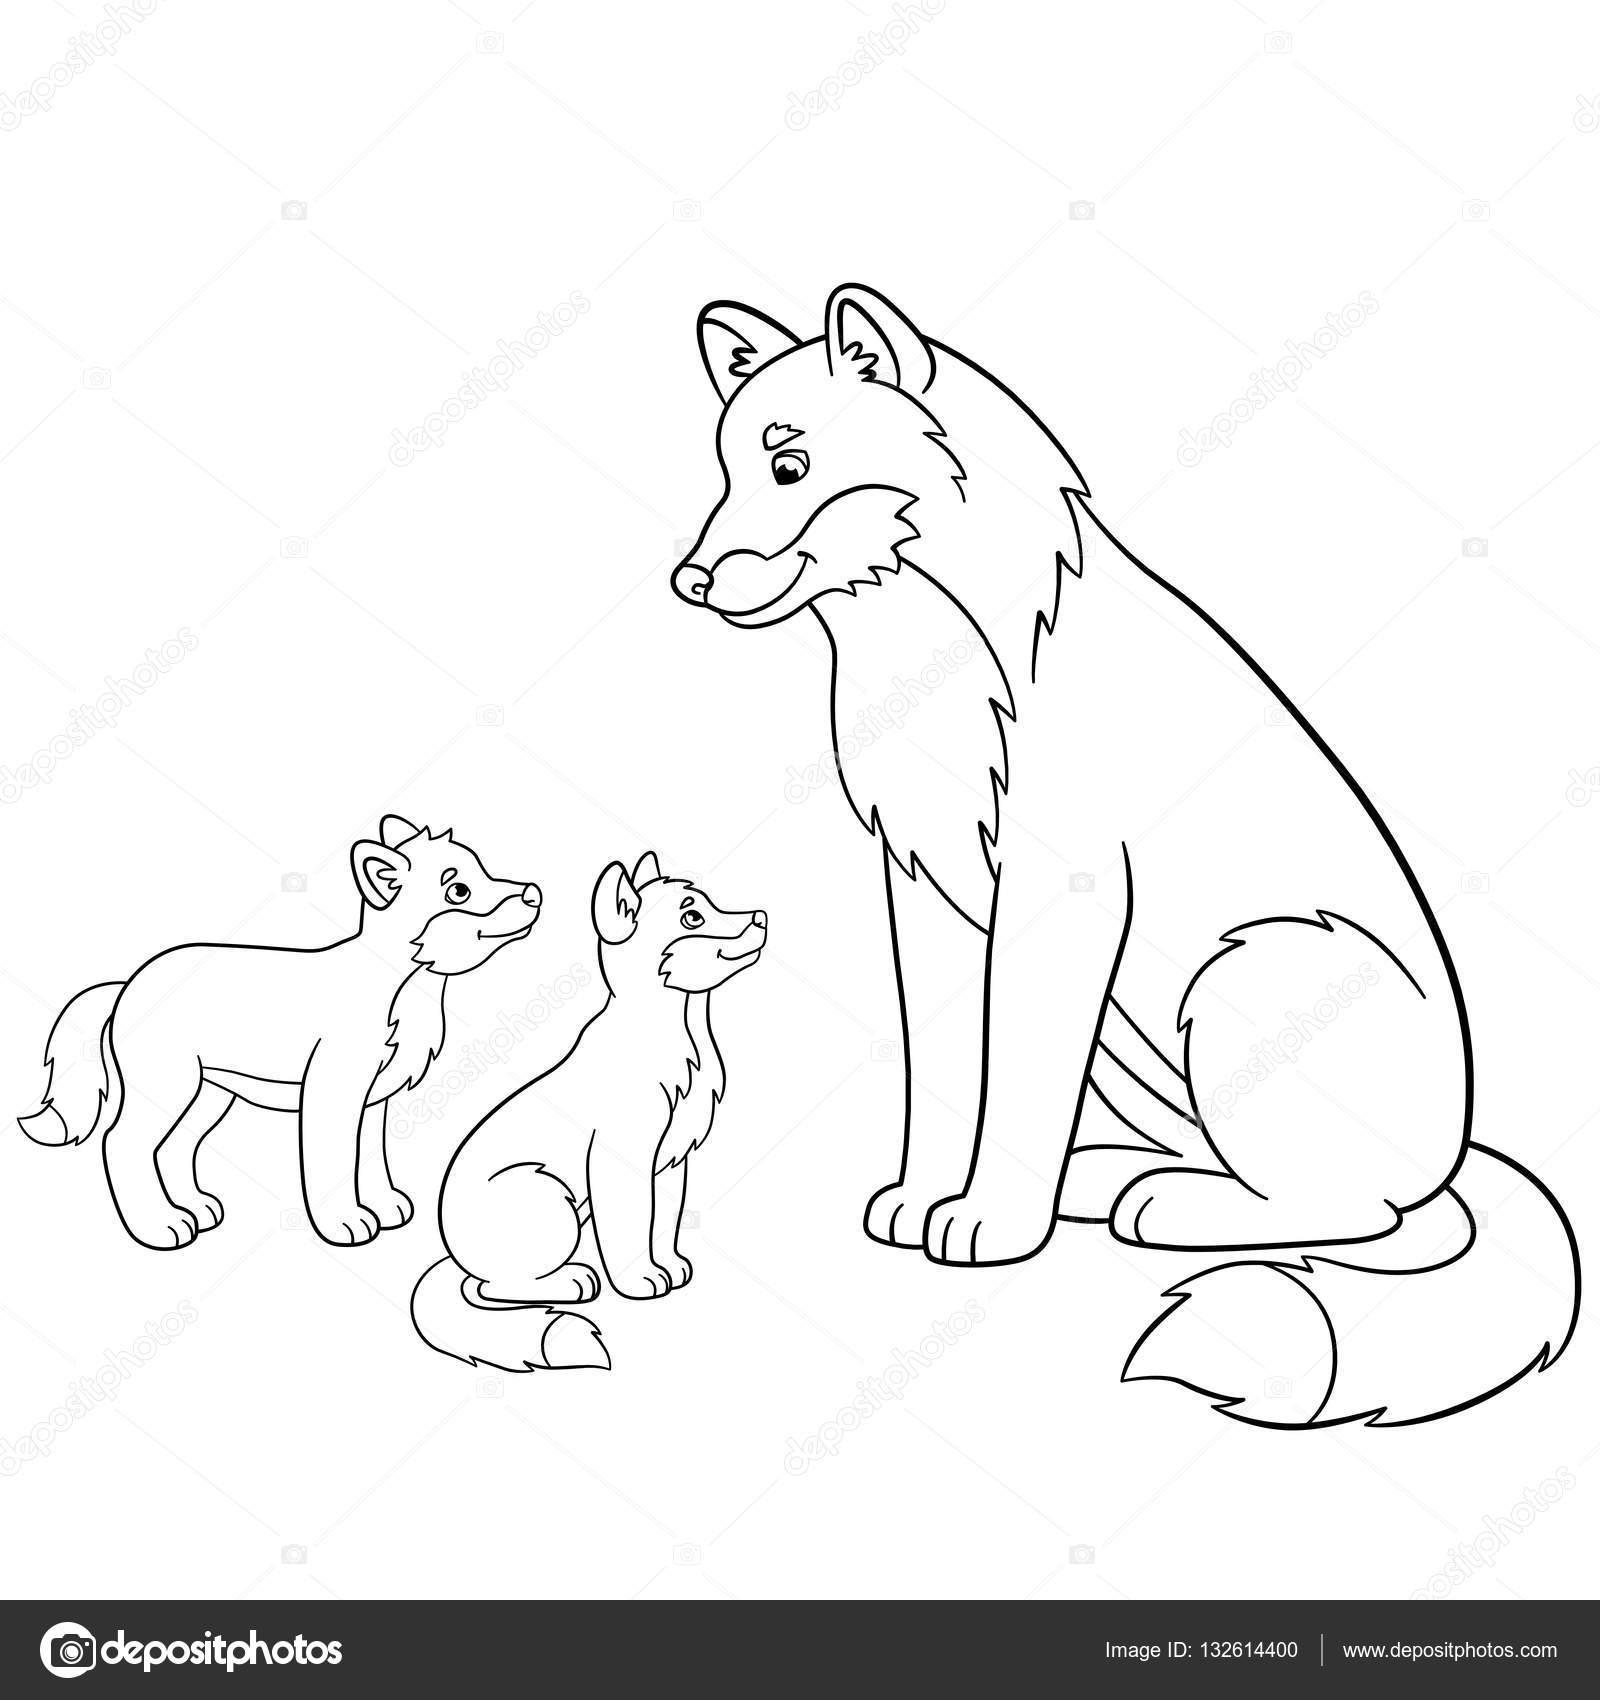 Kleurplaten Wolf.Kleurplaten Vader Wolf Met Zijn Kleine Baby S Stockvector C Ya